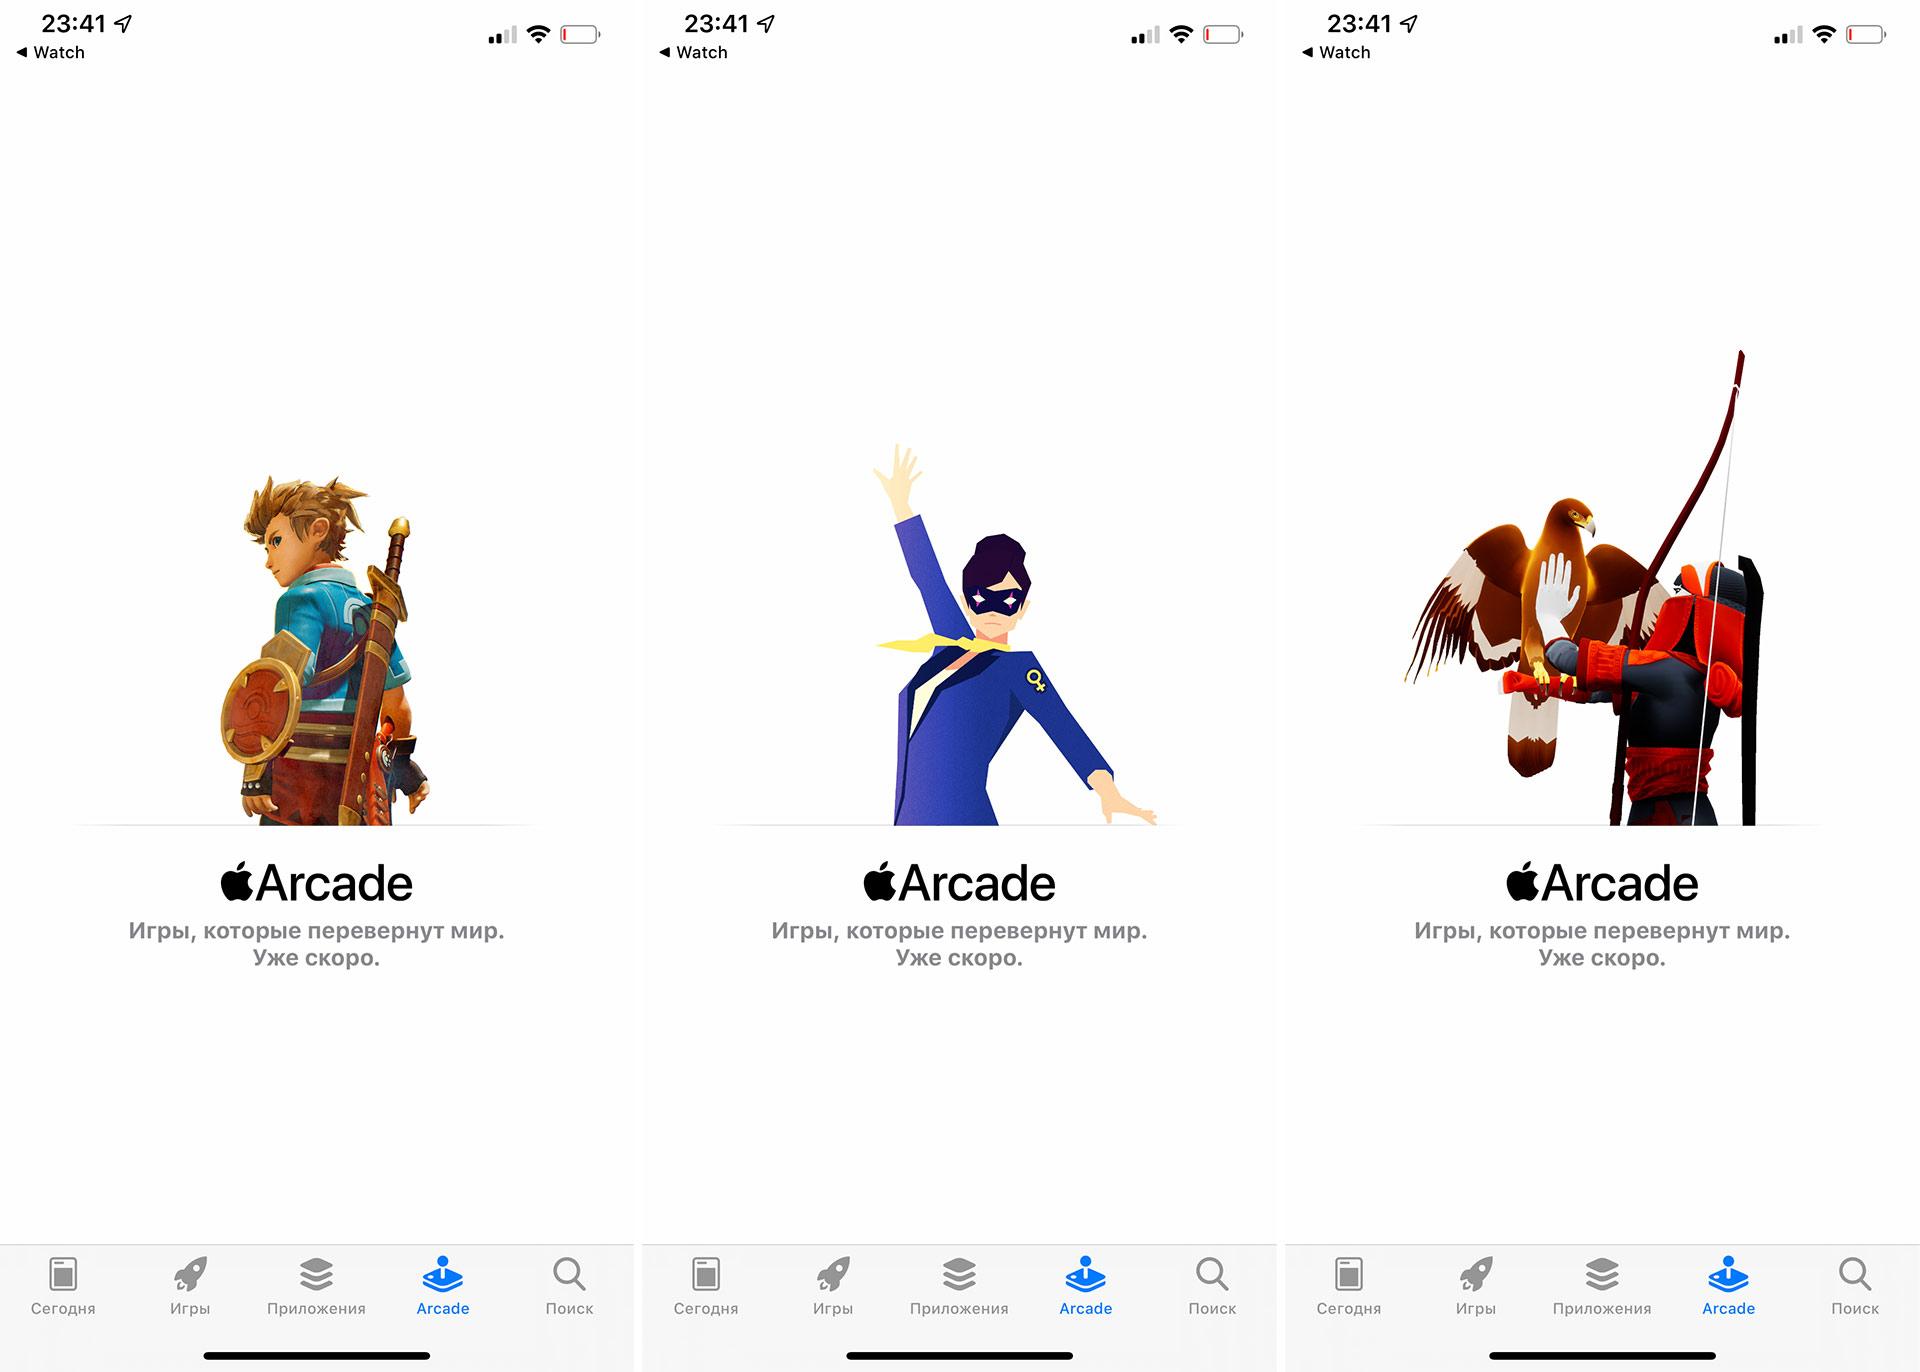 Беты Apple живьем: мелочи, о которых не рассказали на презентации - 16